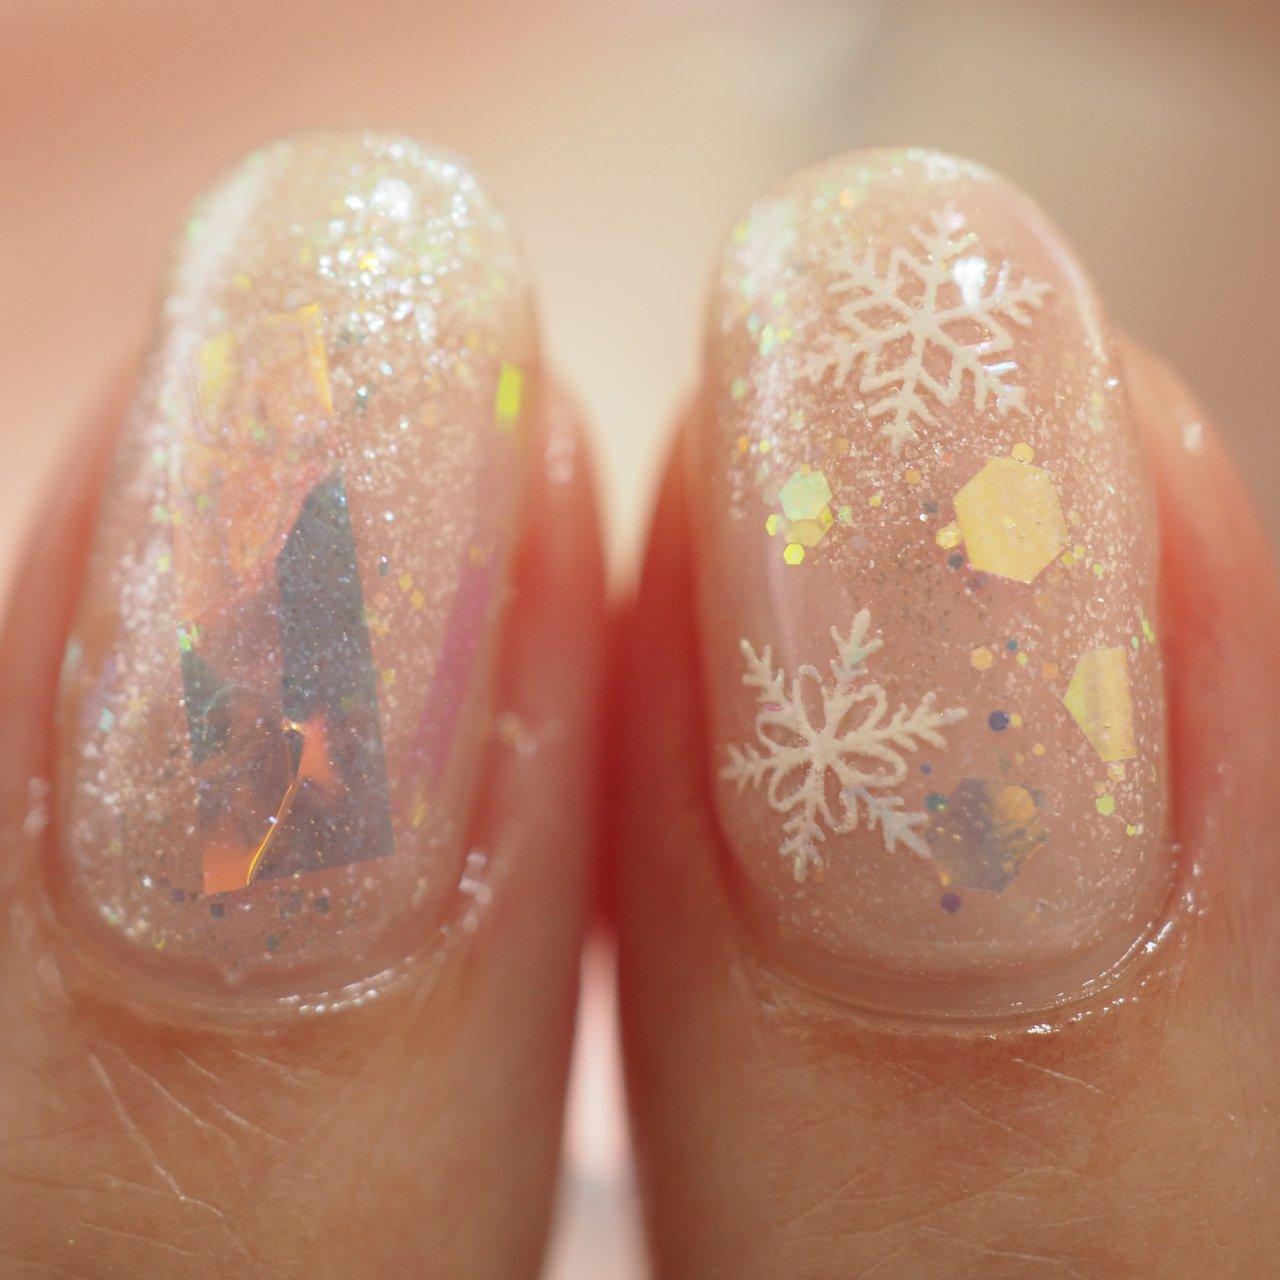 #冬 #ハンド #ラメ #オーロラ #ピンク #ジェル #お客様 #そらみ #ネイルブック